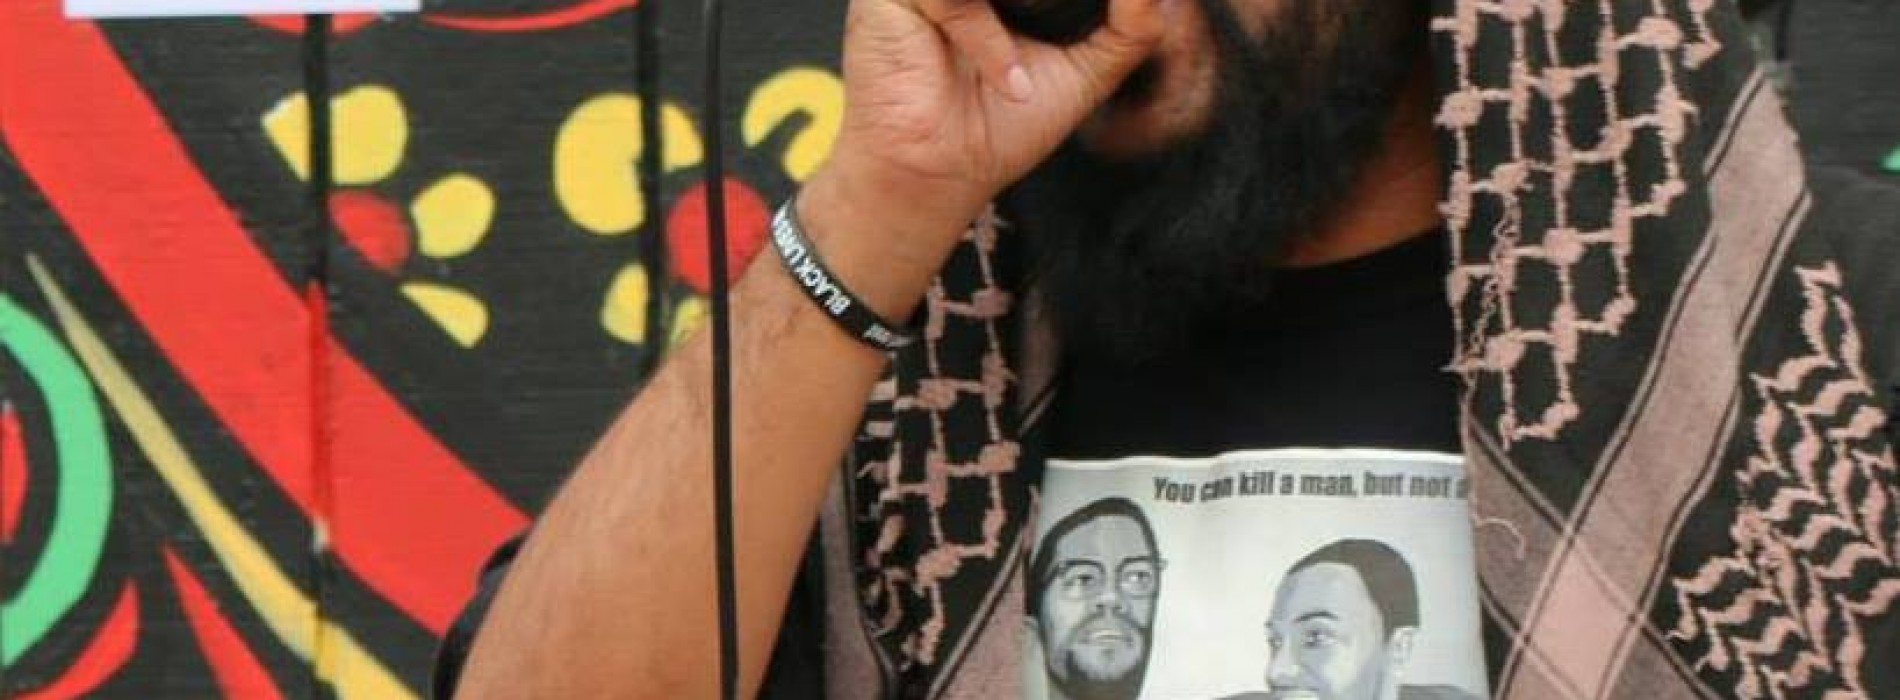 Ras Ceylon Feat. Tragedy Khadafi – Mind Control (Earth Bound Mix)